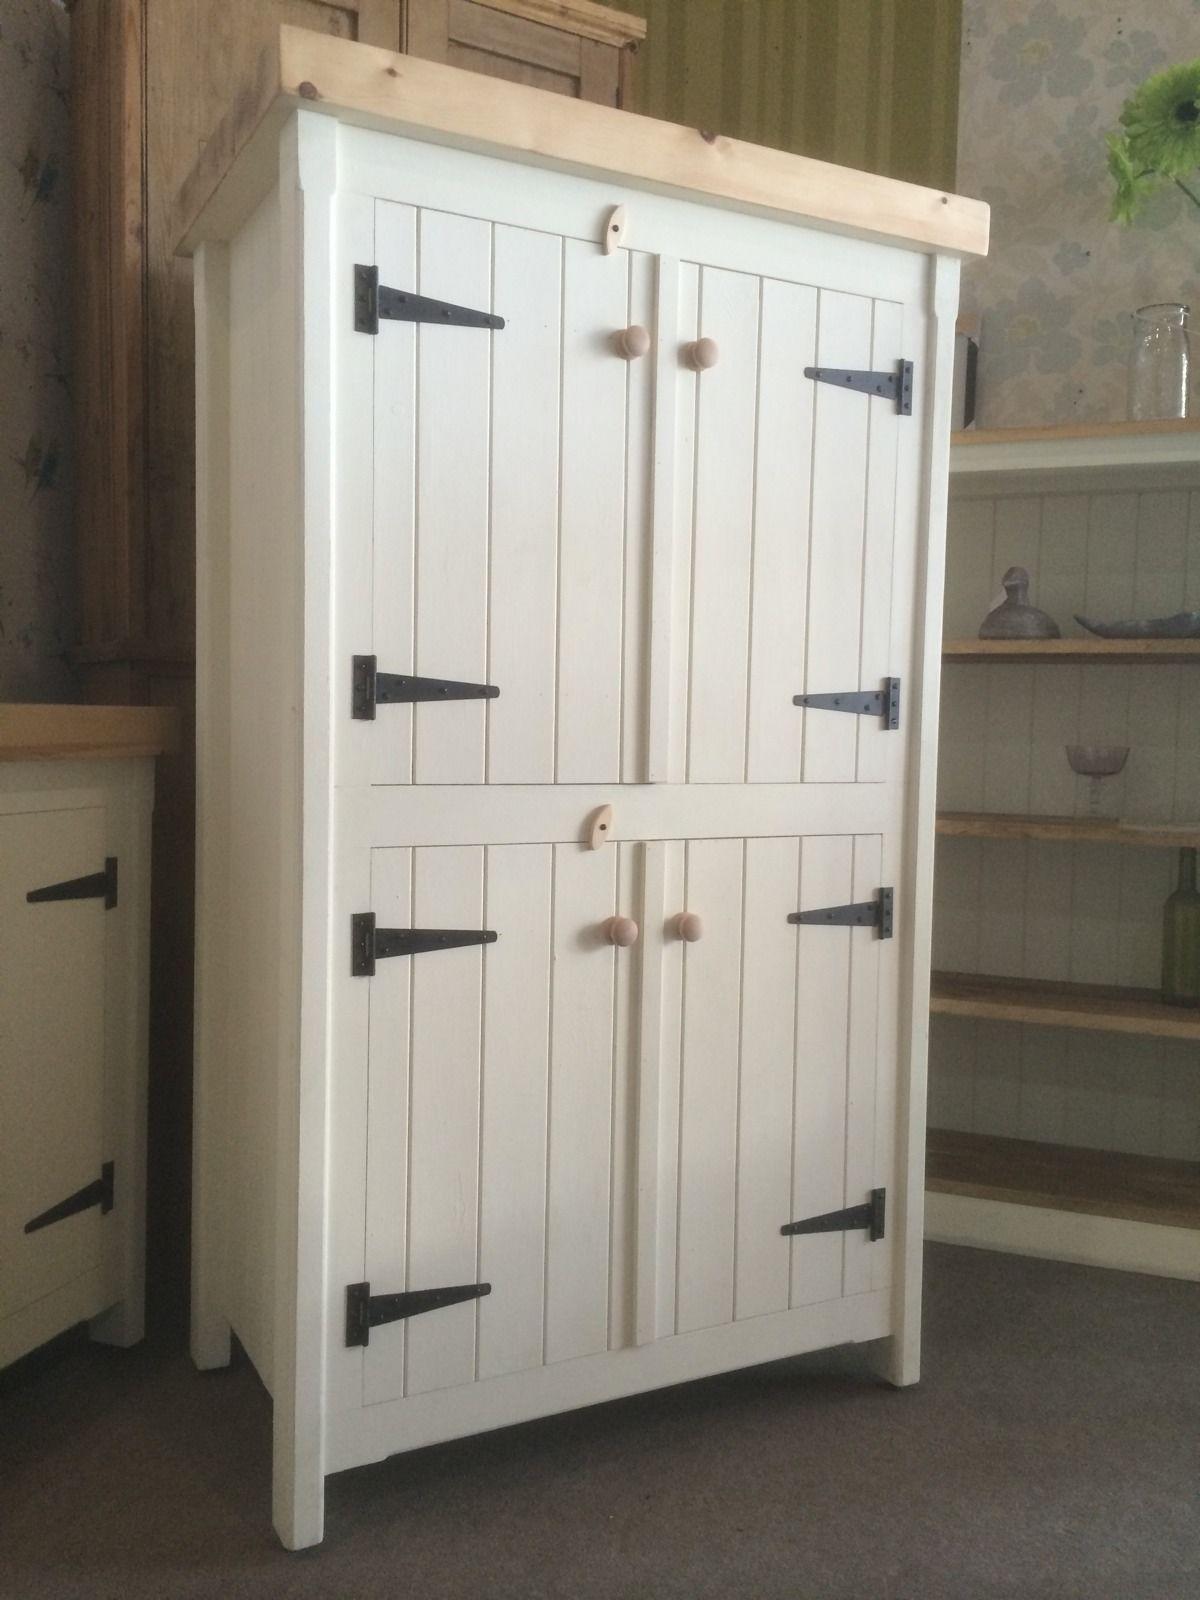 Rustic Wooden Pine Freestanding Kitchen Handmade Cupboard ...